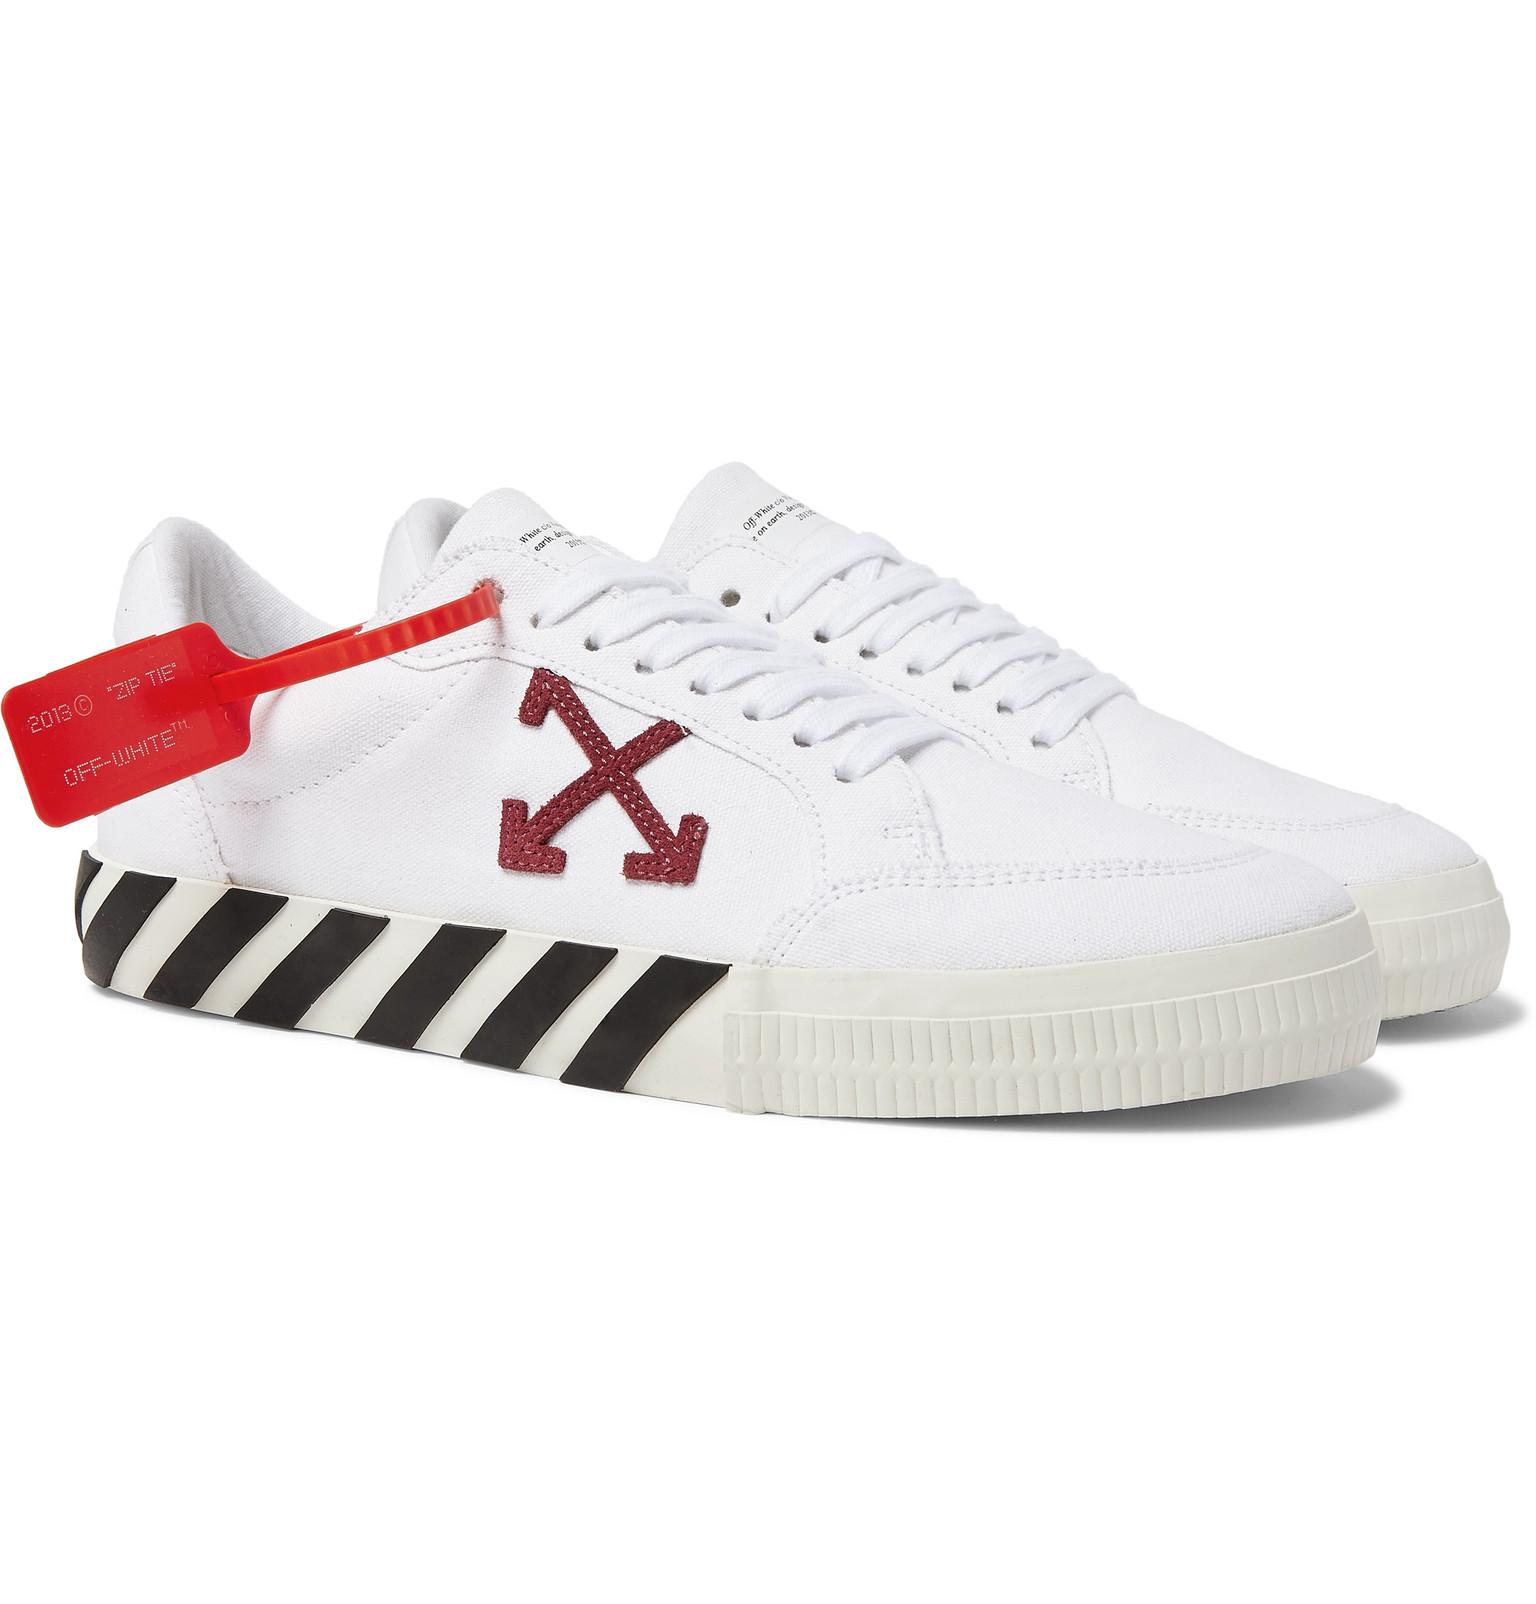 Die besten weißen Sneaker 2020: Off-White white sneakers